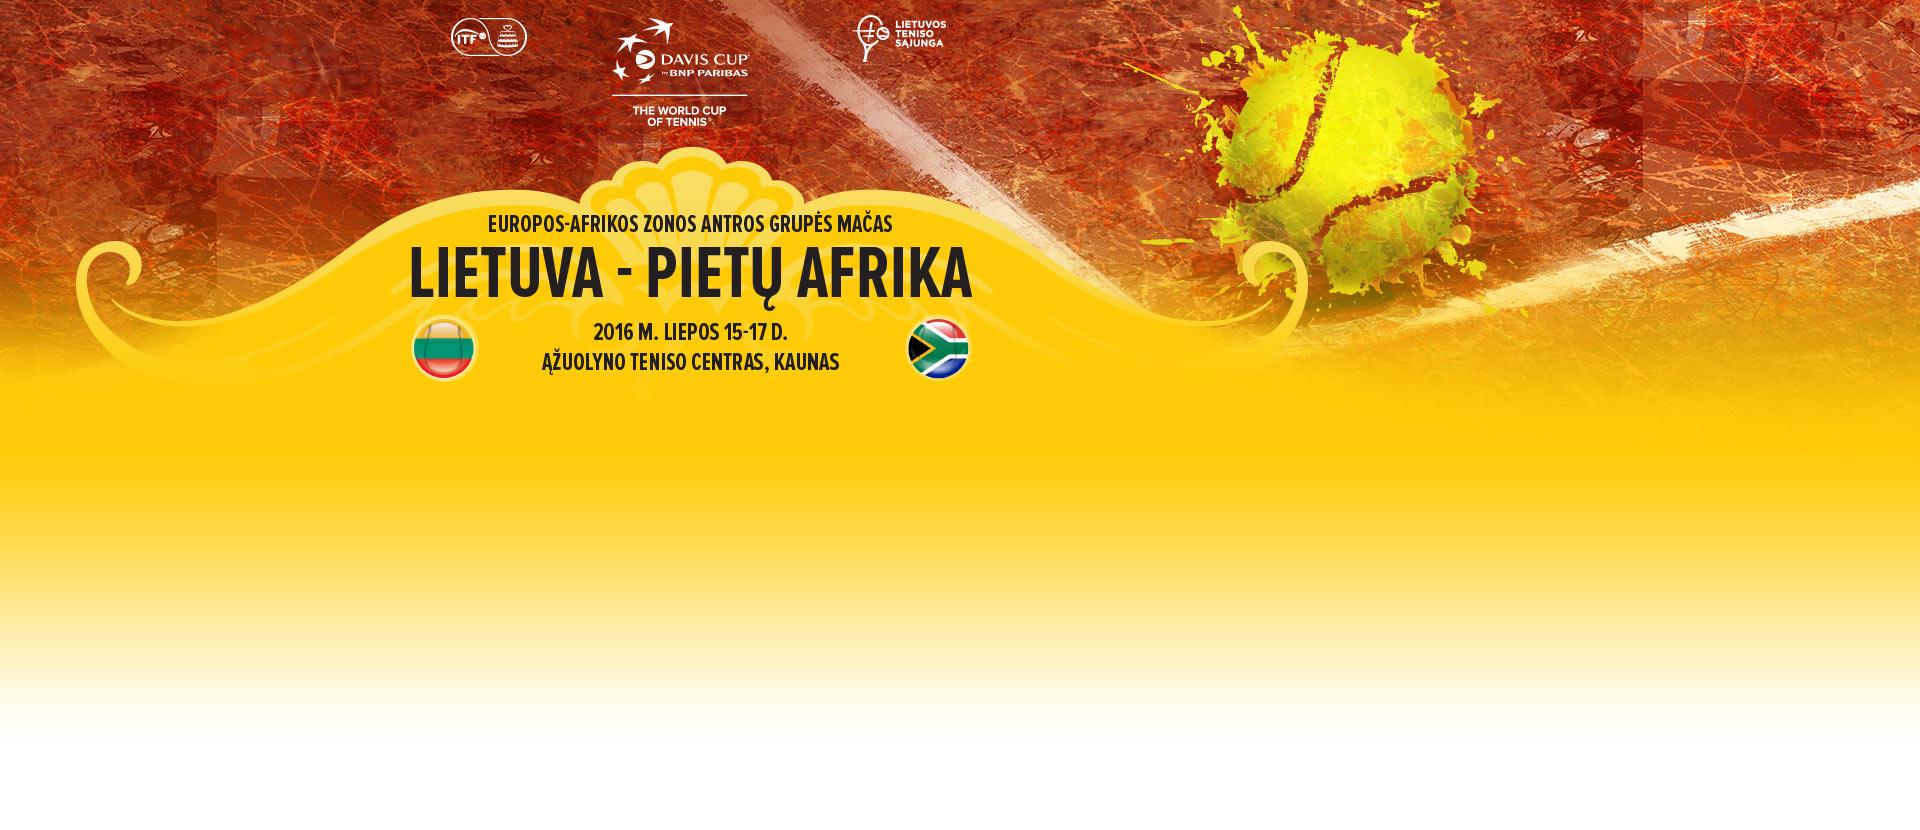 Davis Cup by BNP Paribas: Lietuva - Pietų Afrika